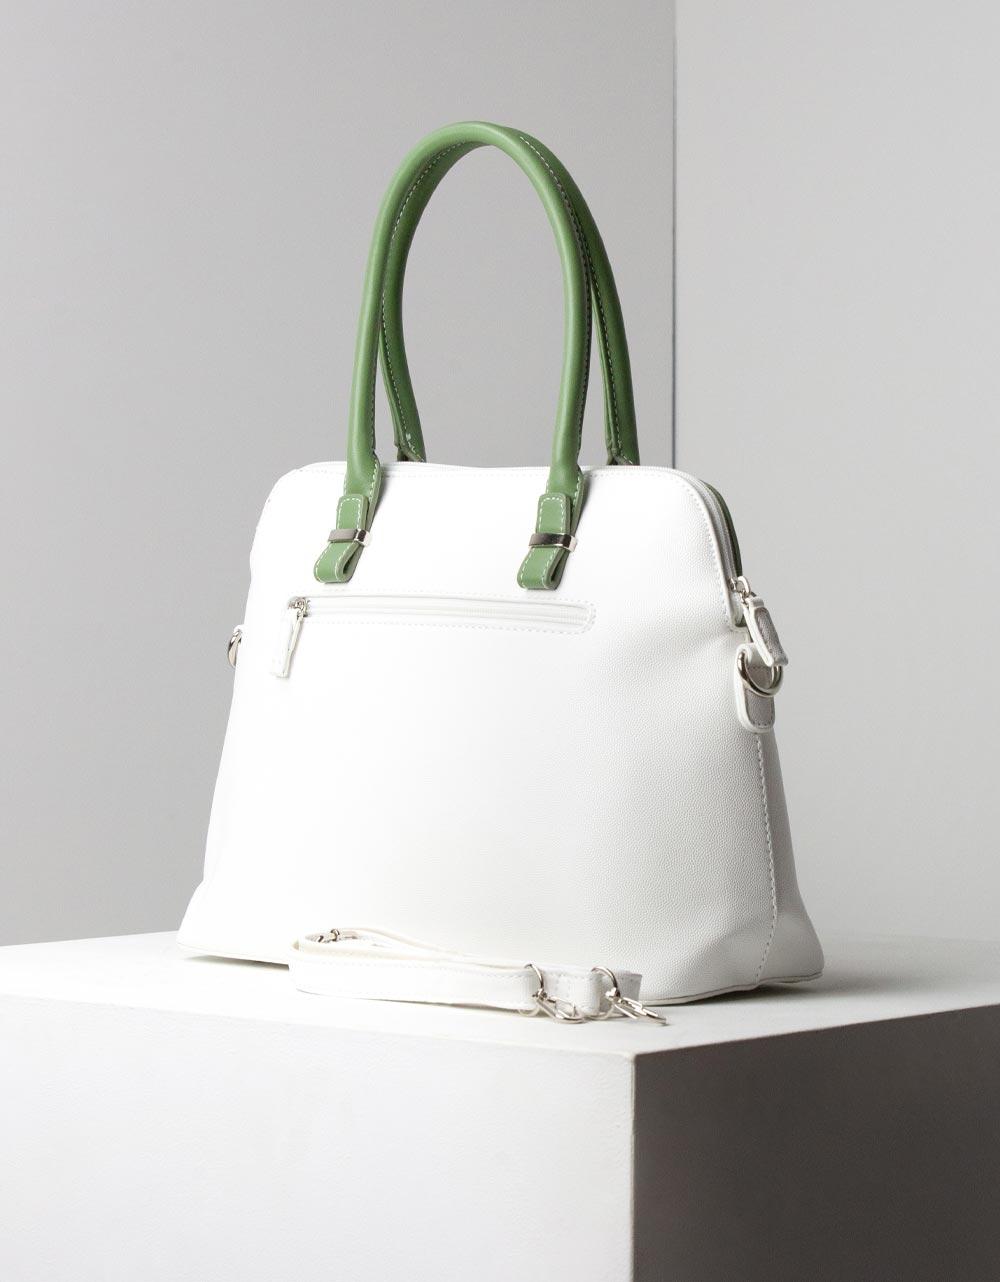 Εικόνα από Γυναικεία τσάντα ώμου με δίχρωμες λεπτομέρειες Λευκό